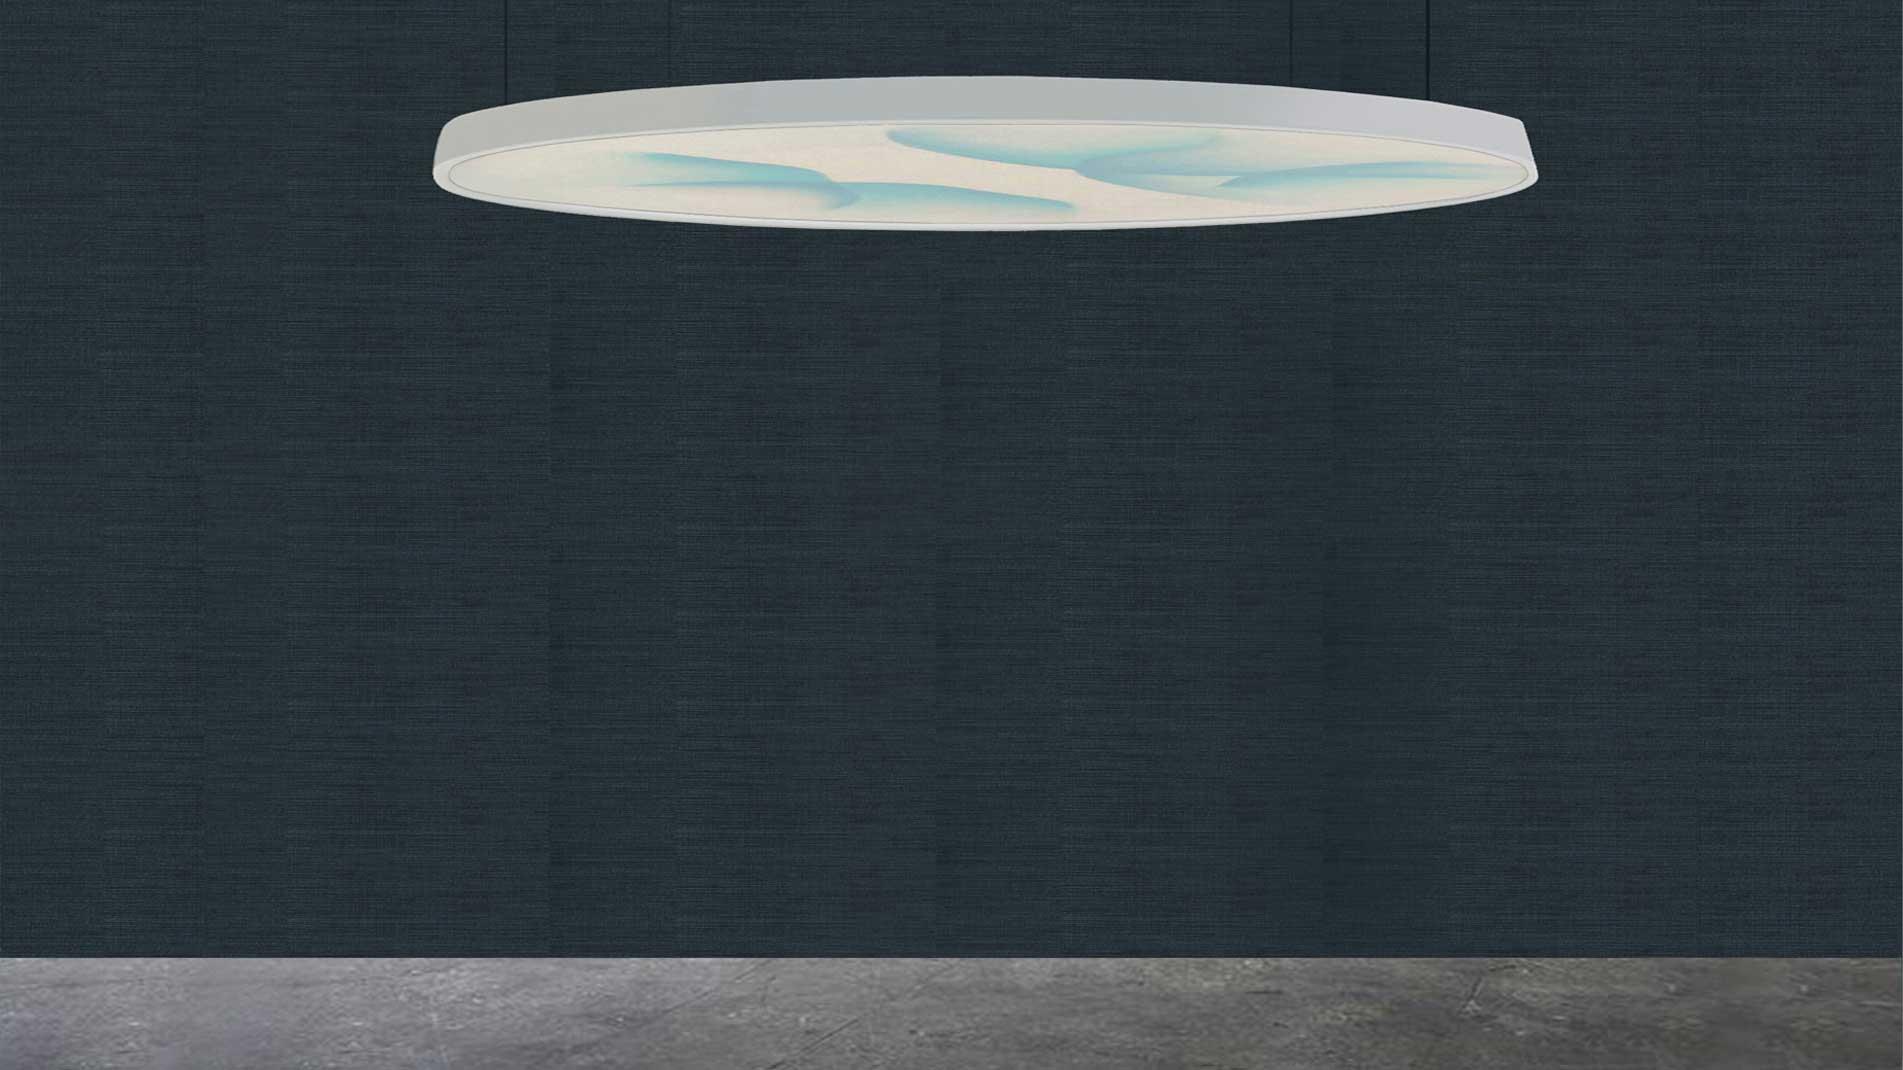 Oeuvre rétroéclairée de l'artiste Guillaume Bottazzi à Lyon. Cette oeuvre unique a été réalisée in situ